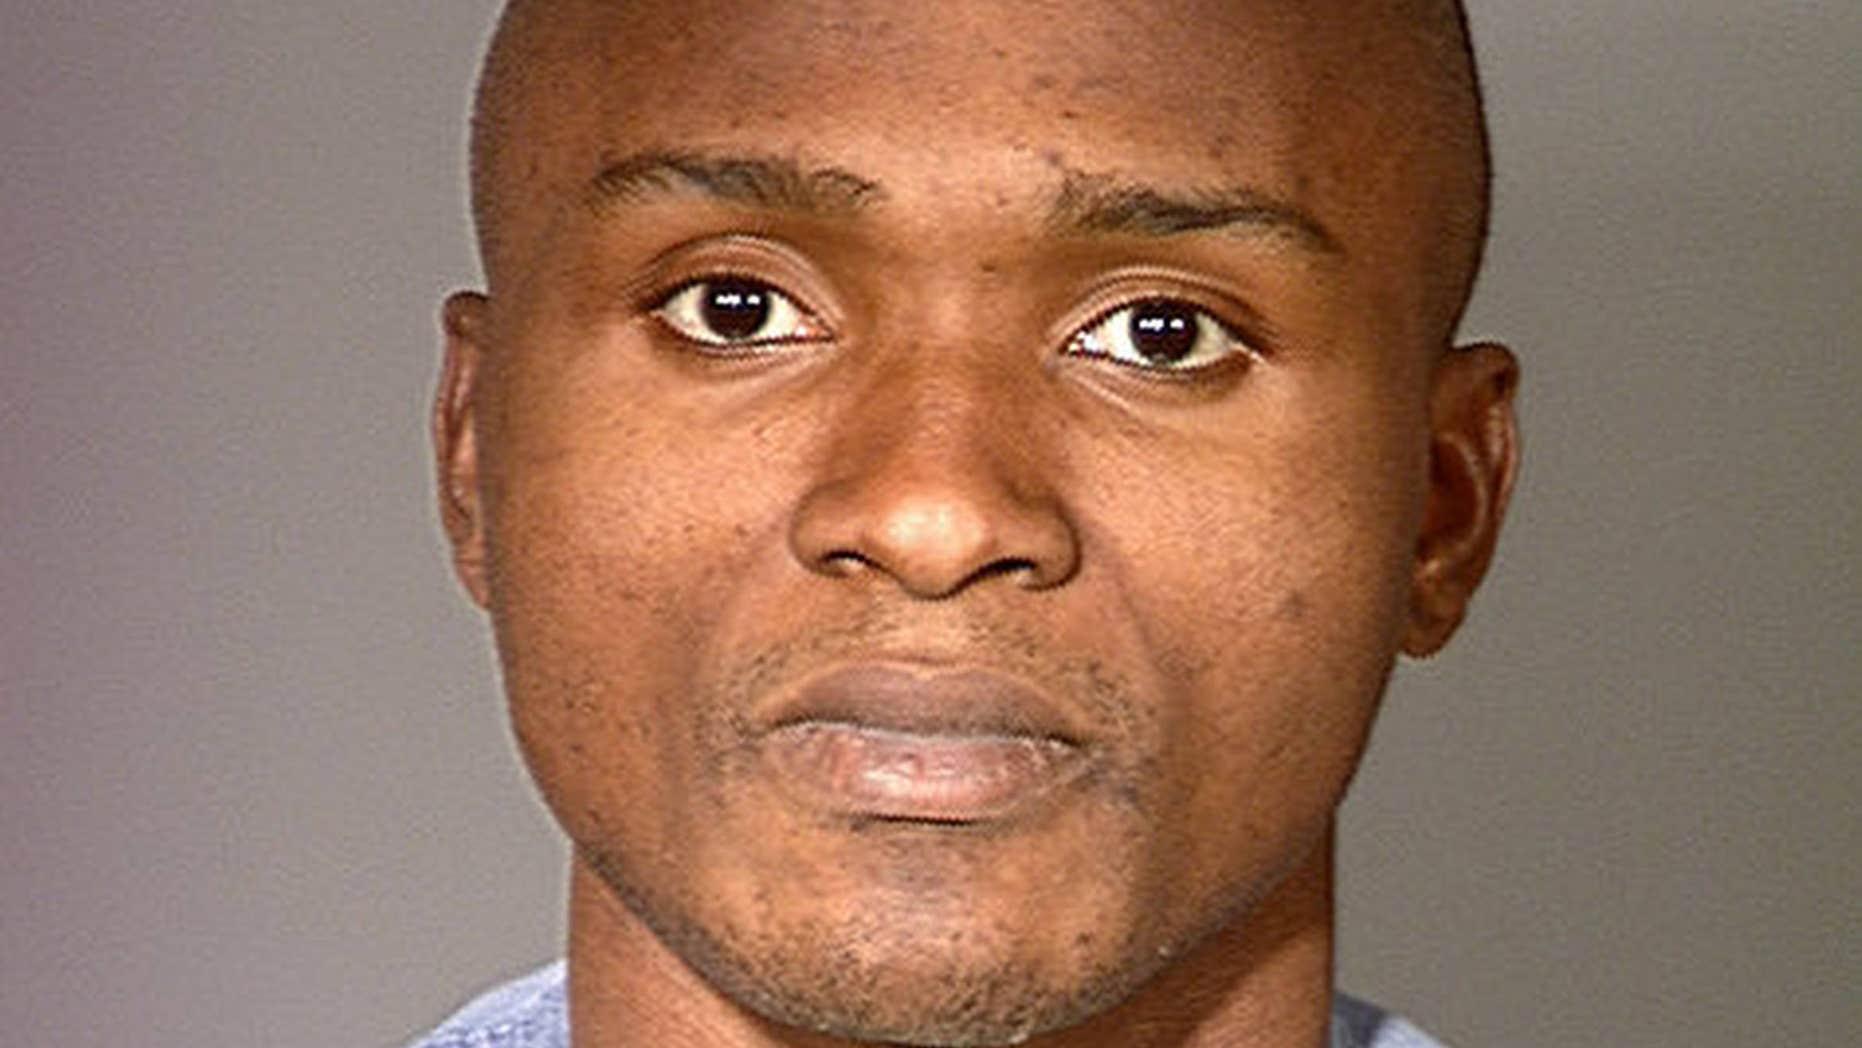 Feb. 2000: Charly Keundeu Keunang after his arrest for robbery.